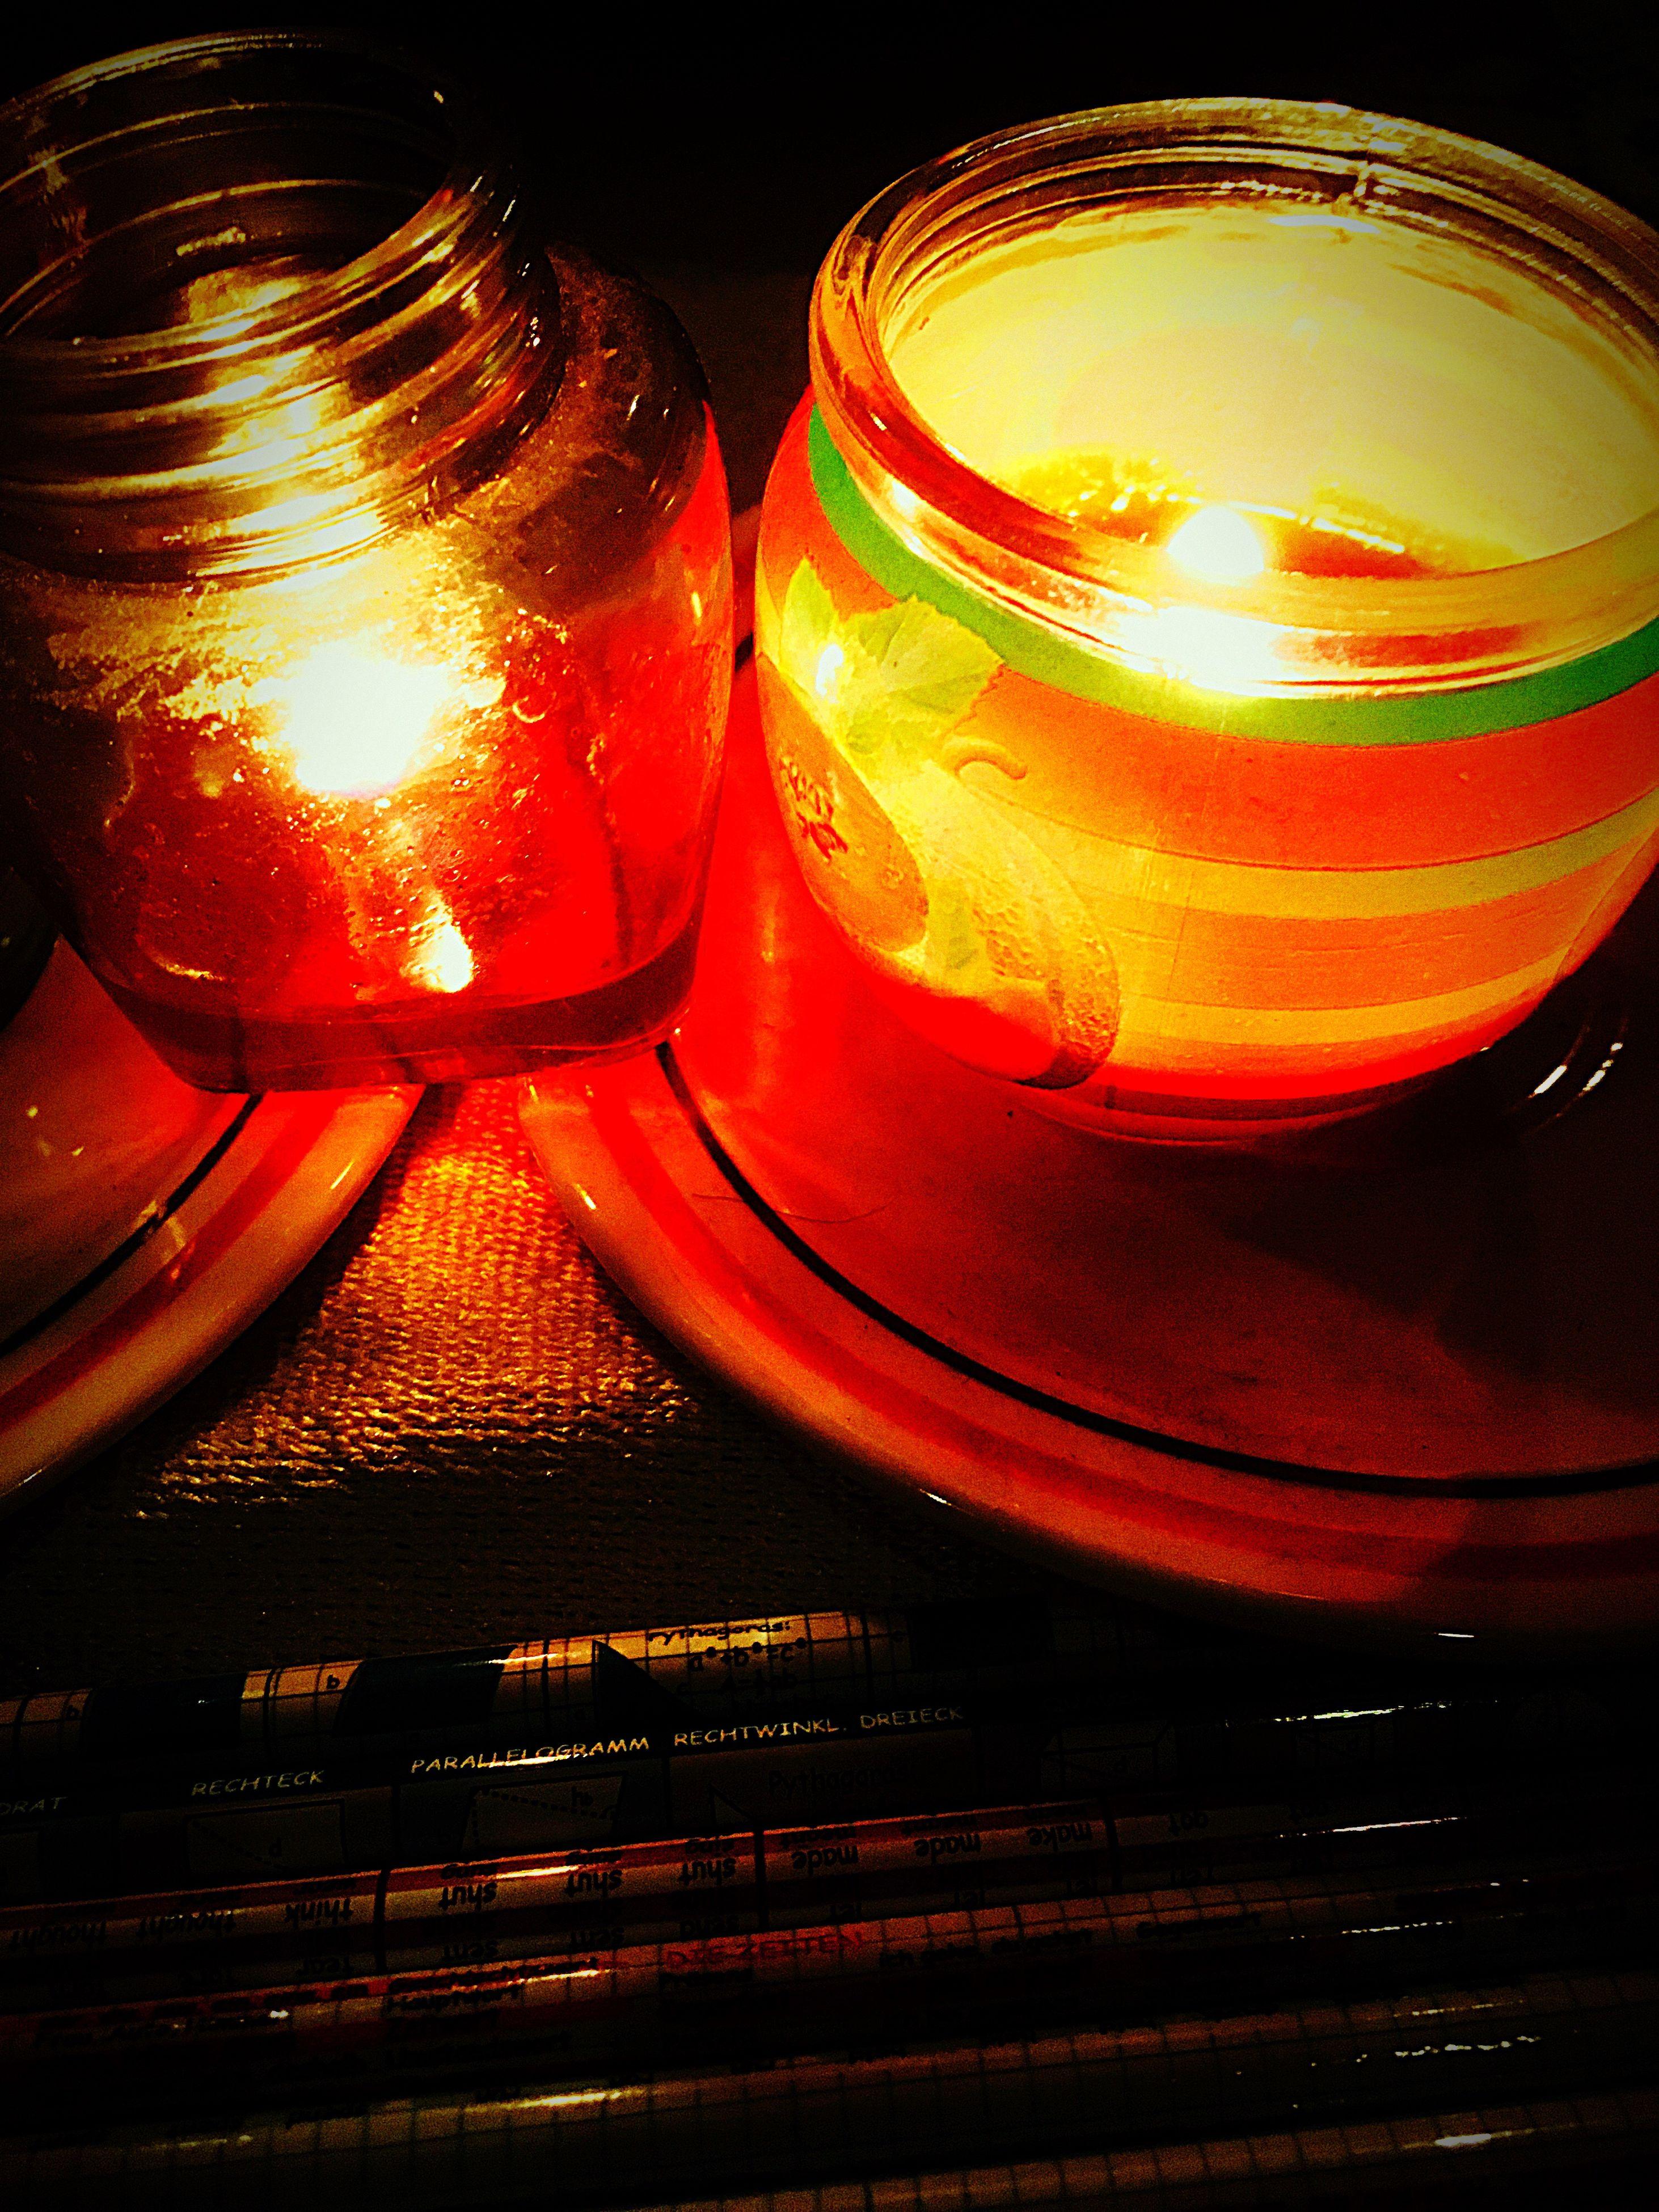 illuminated, red, no people, close-up, night, indoors, tea light